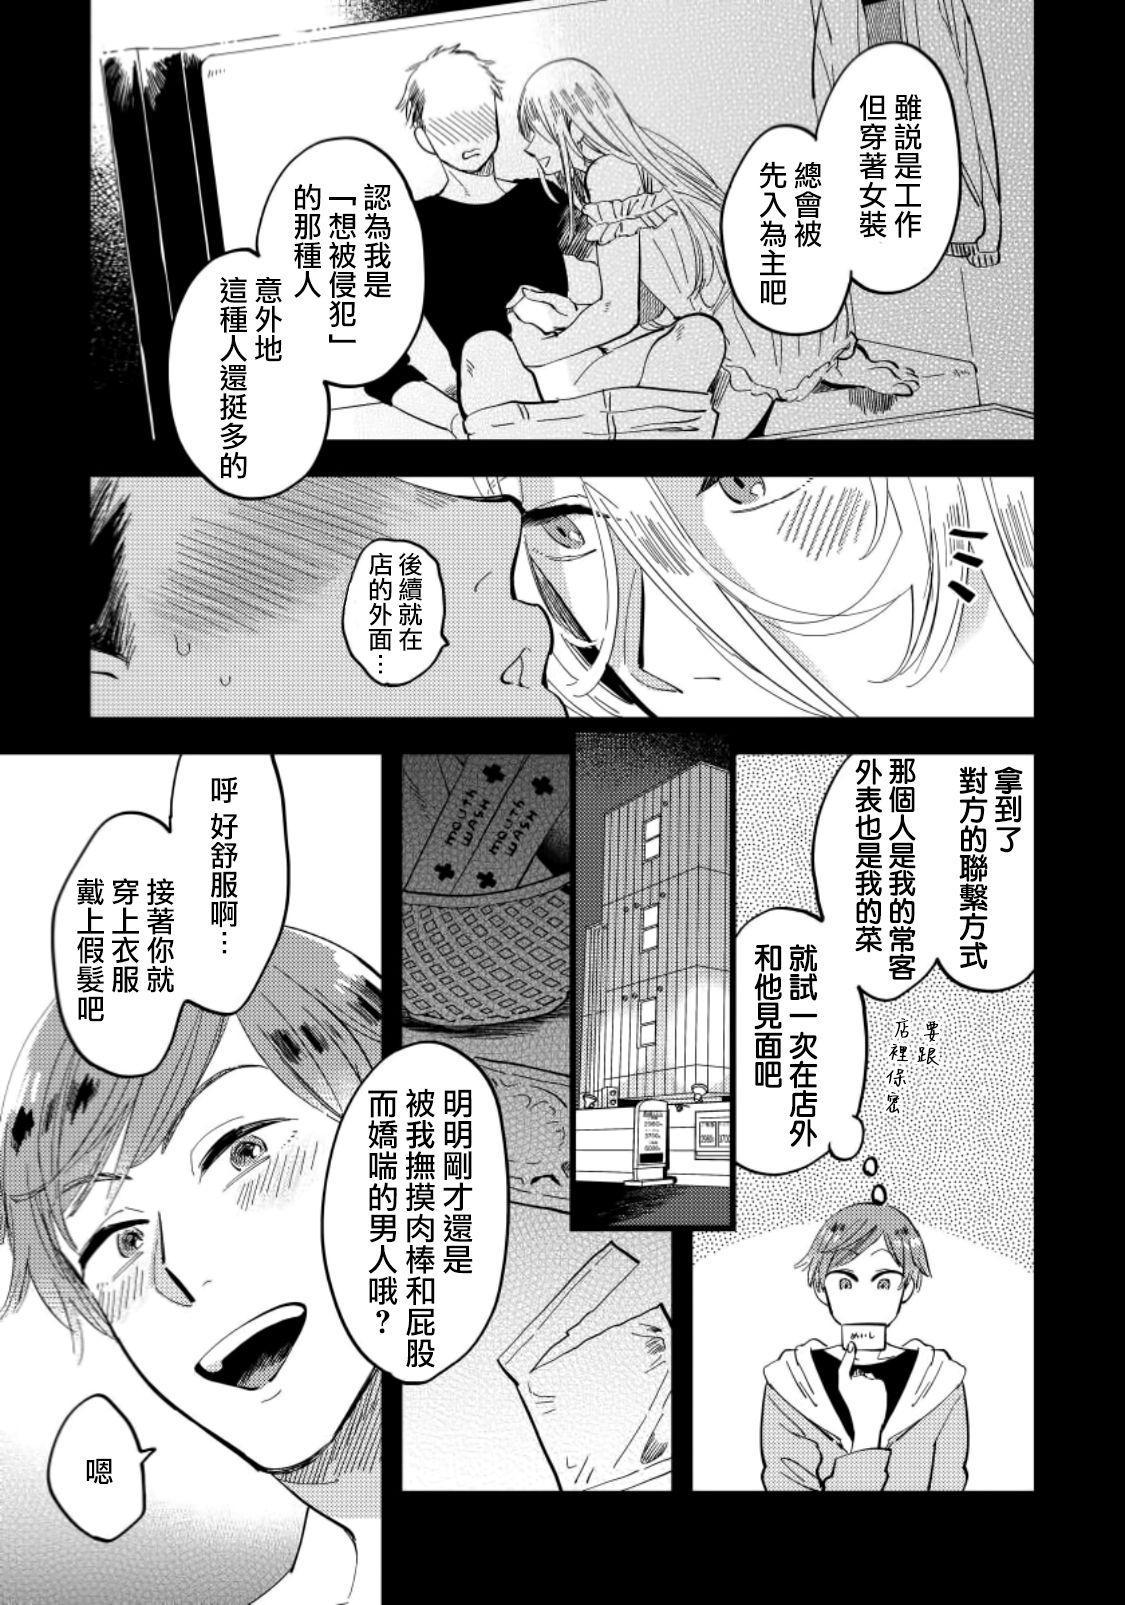 Josou Onii-san ga Nonke o Torotoro ni Naru made Kaihatsu Shitara 4 丨女裝大哥哥把直男黏糊糊的地方開發了的話 只靠後面高潮的樣子讓我看看吧 4 13